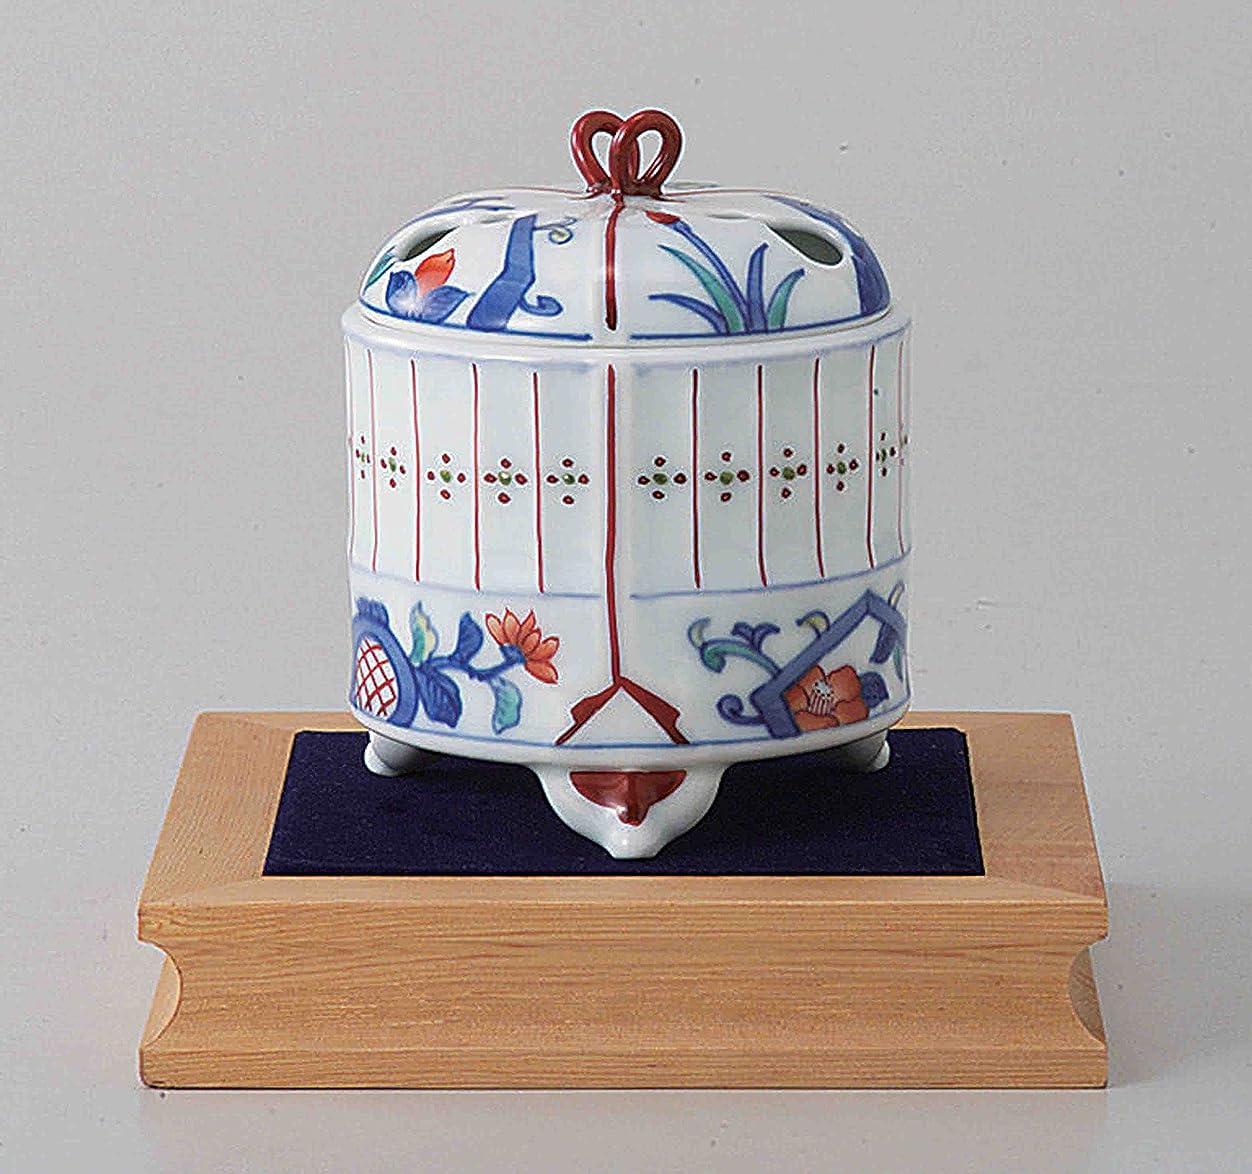 組値下げ鳴り響く東京抹茶Selection?–?[プレミアム] Arita Porcelain Cencer : Insectケージ?–?Incense BurnerホルダーWベース&ボックス日本から[ EMSで発送標準: withトラッキング&保険]